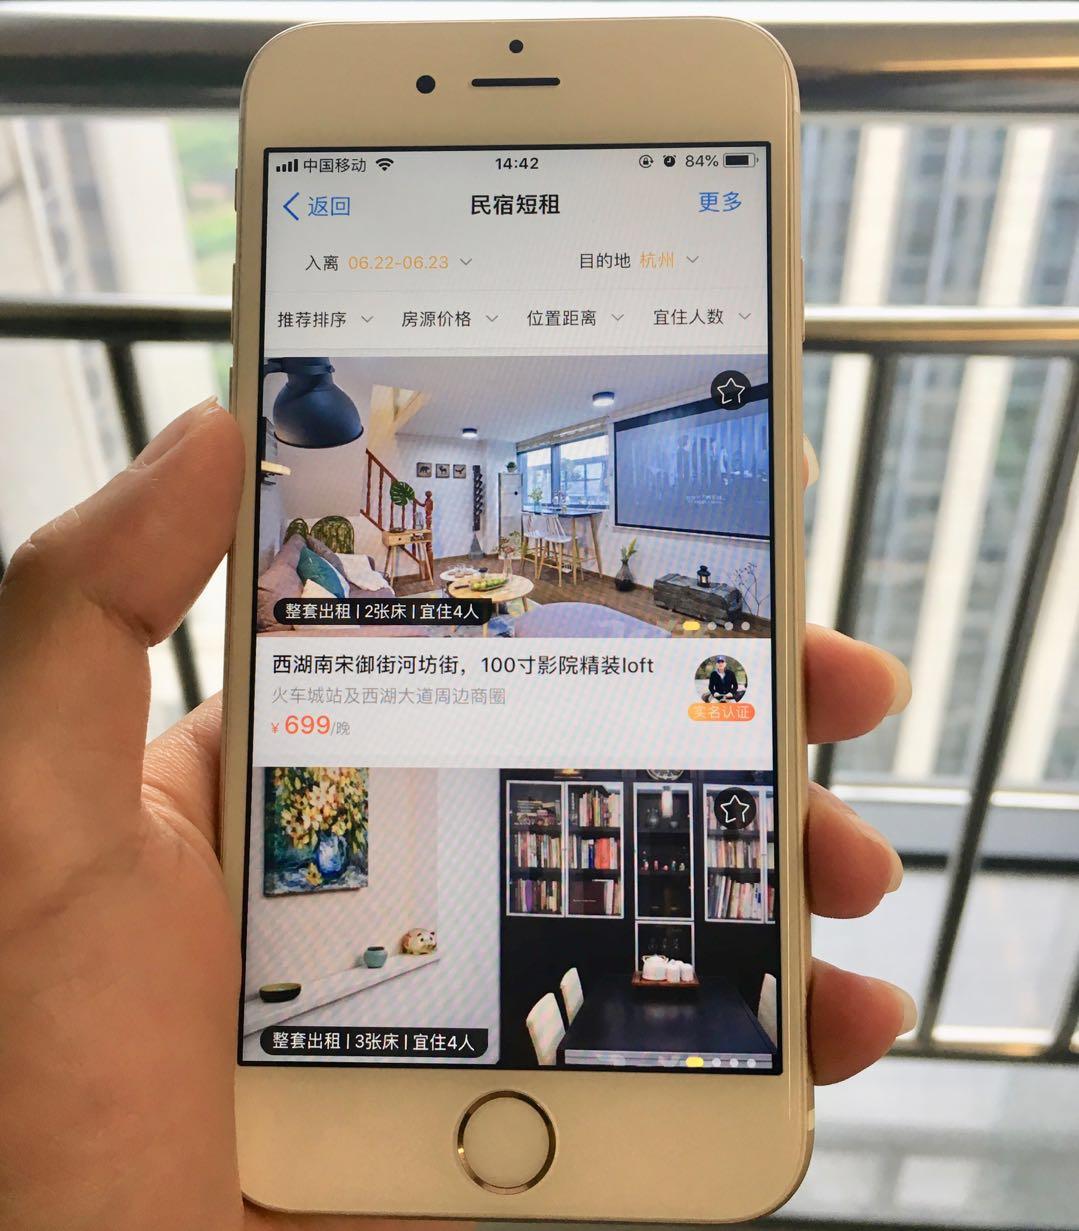 飞猪:民宿短租频道亮相 小猪短租房源首批接入